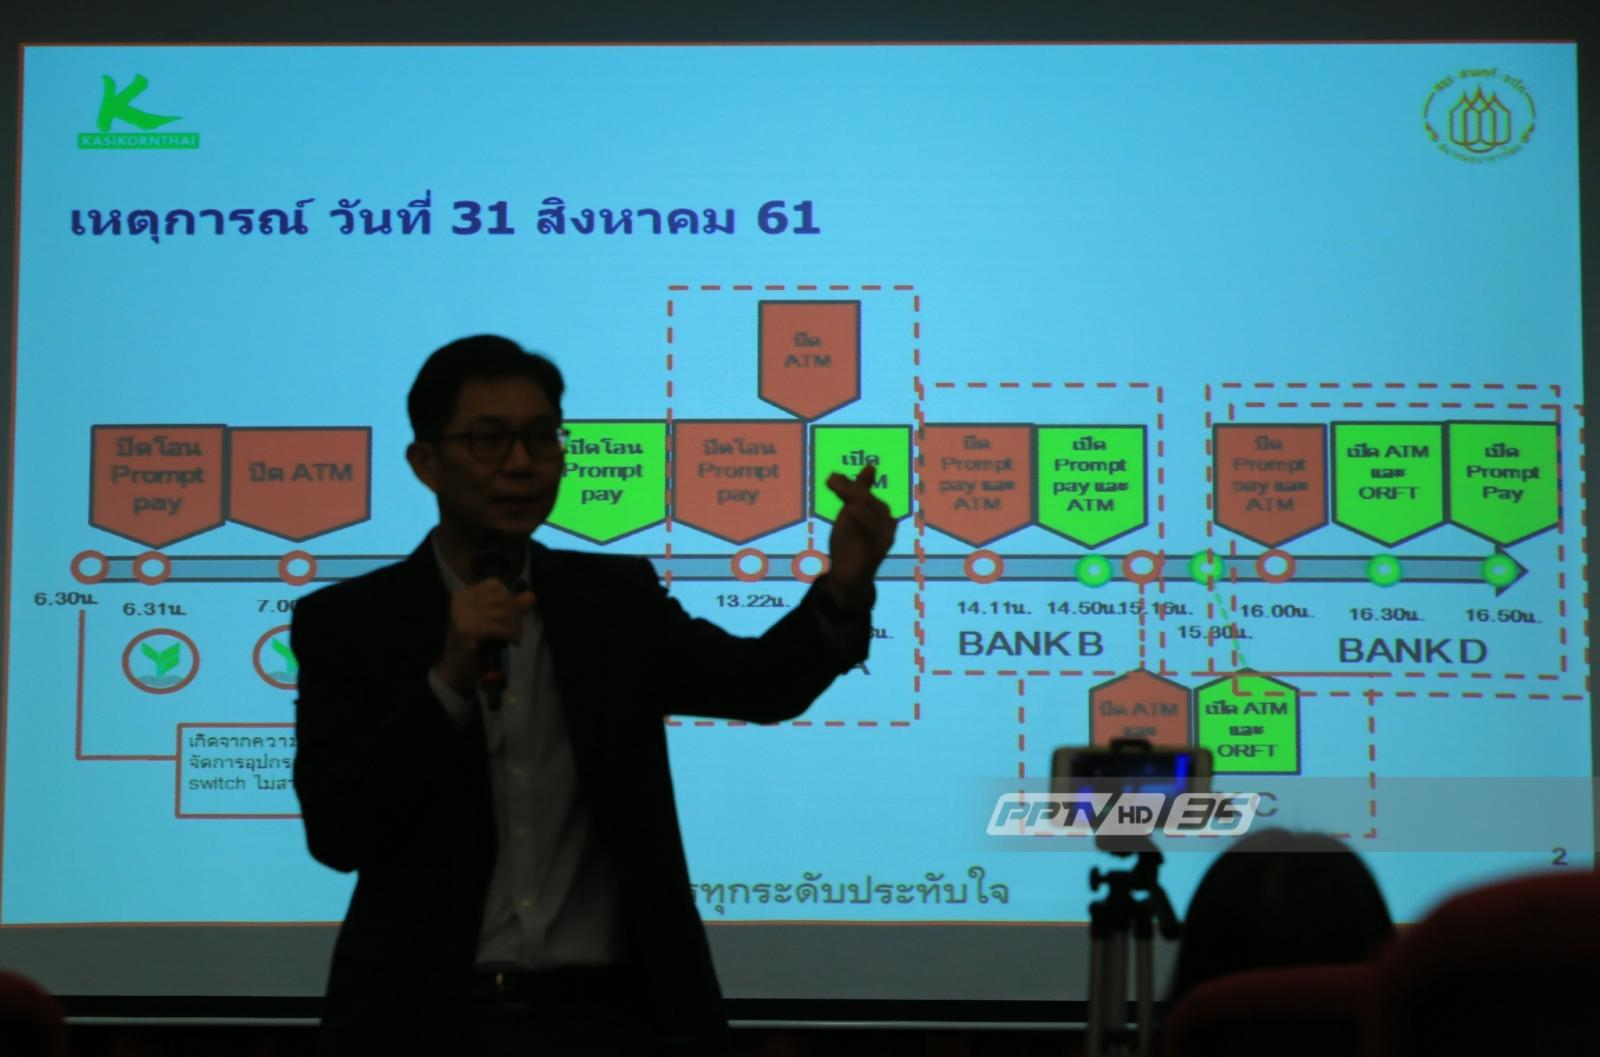 """""""กสิกรไทย"""" แจงระบบล่ม 31 ส.ค. เกิดจากพนักงานใช้คำสั่งจัดการเครือข่ายผิด!"""